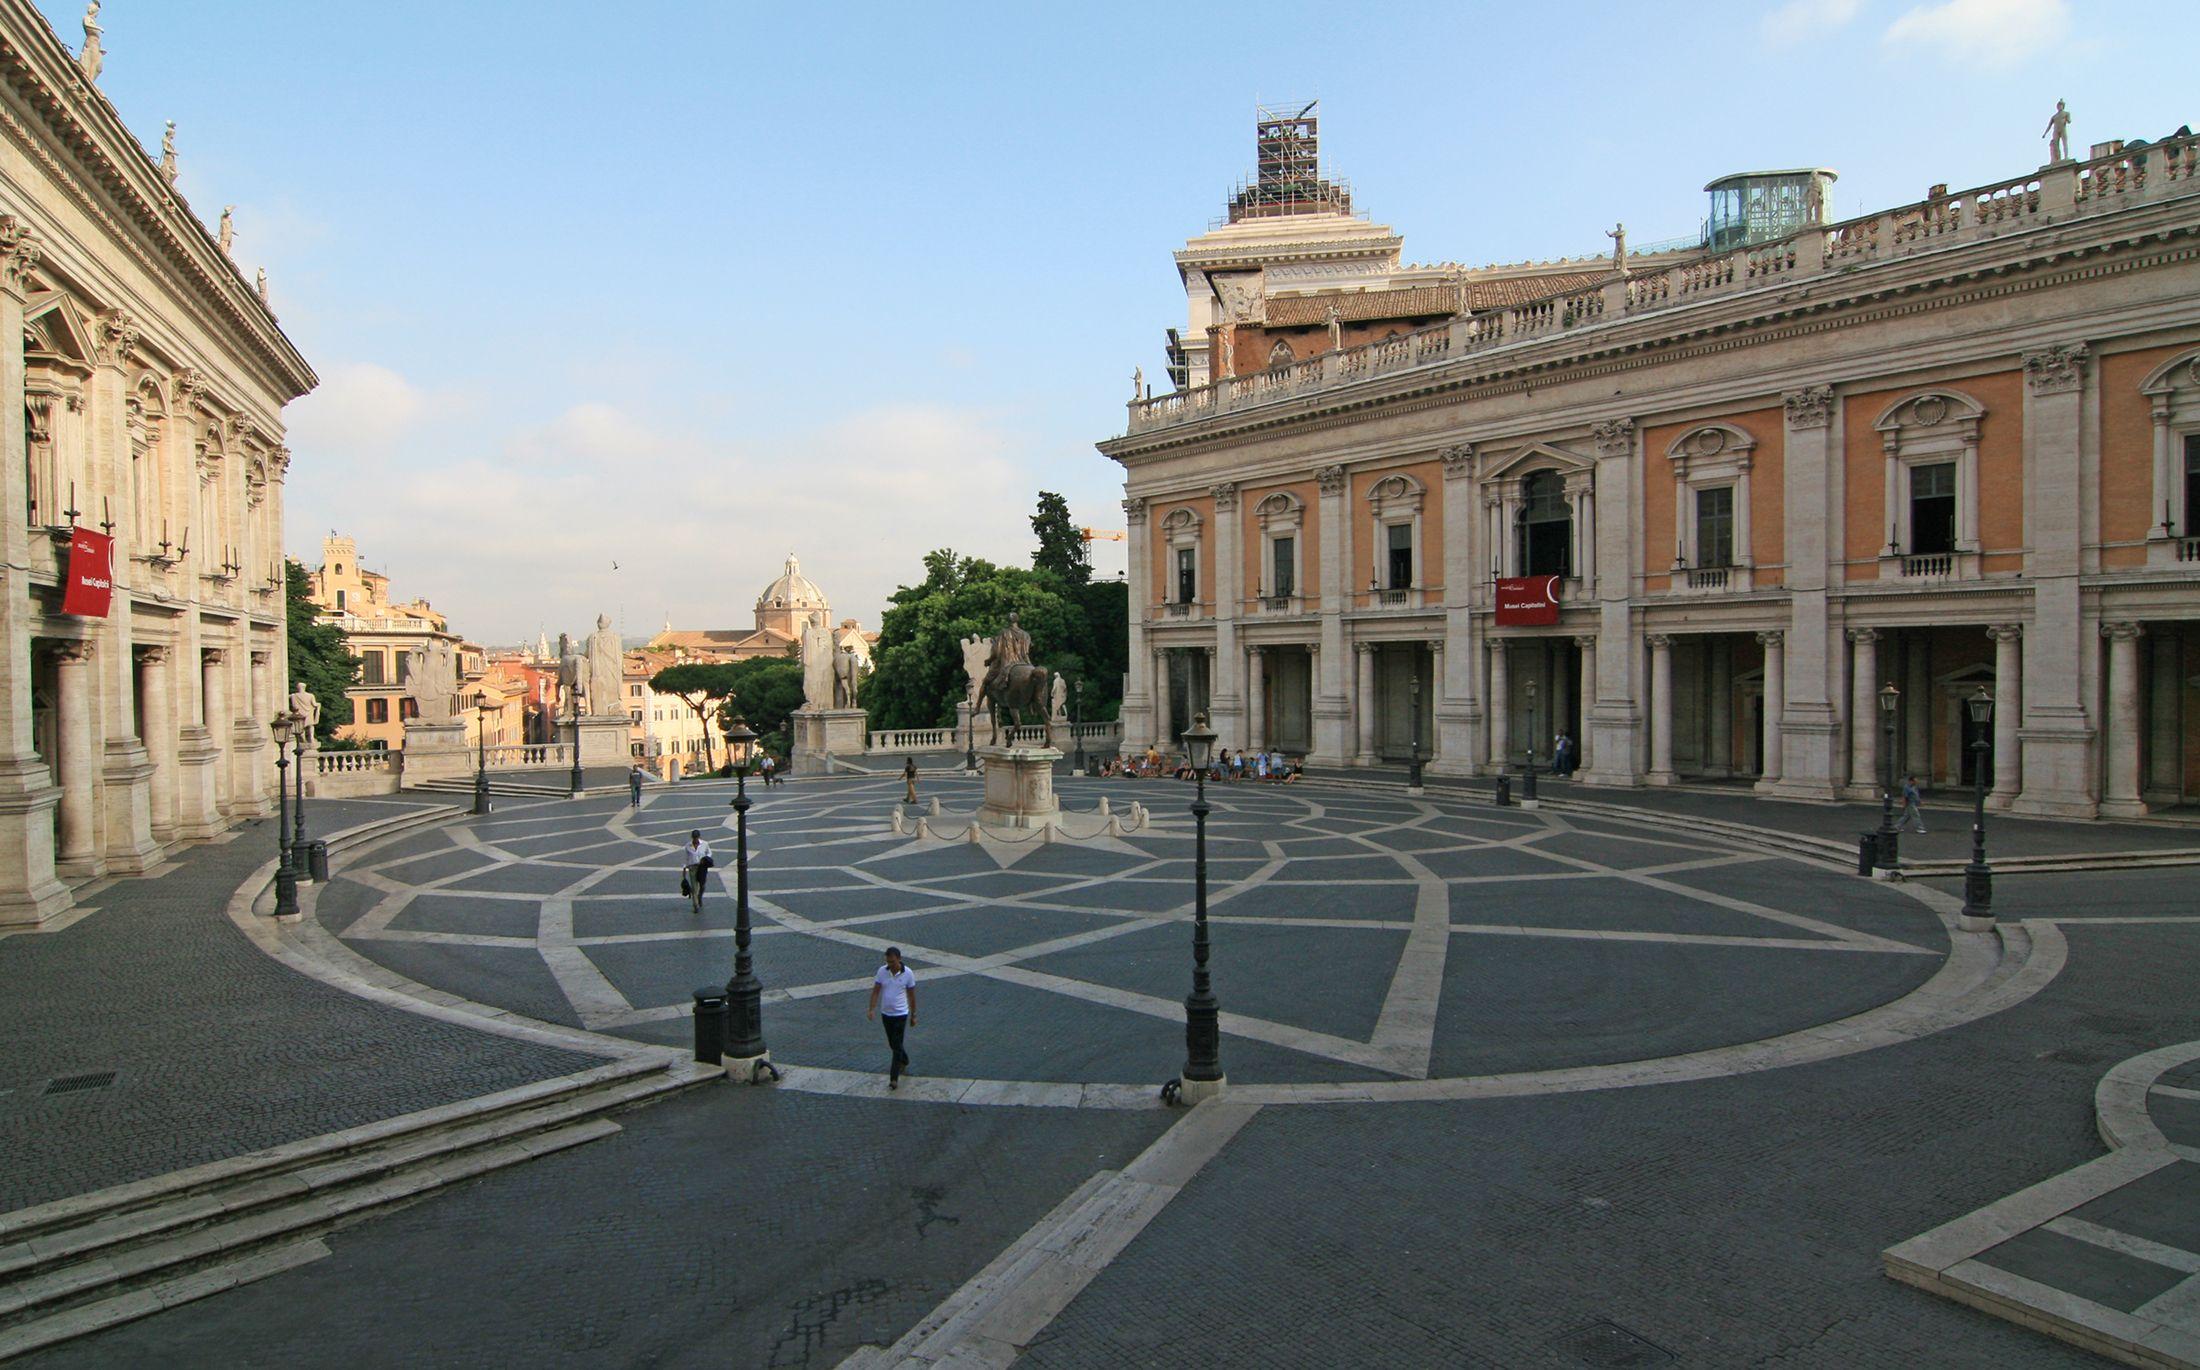 Piazza della Campidoglio